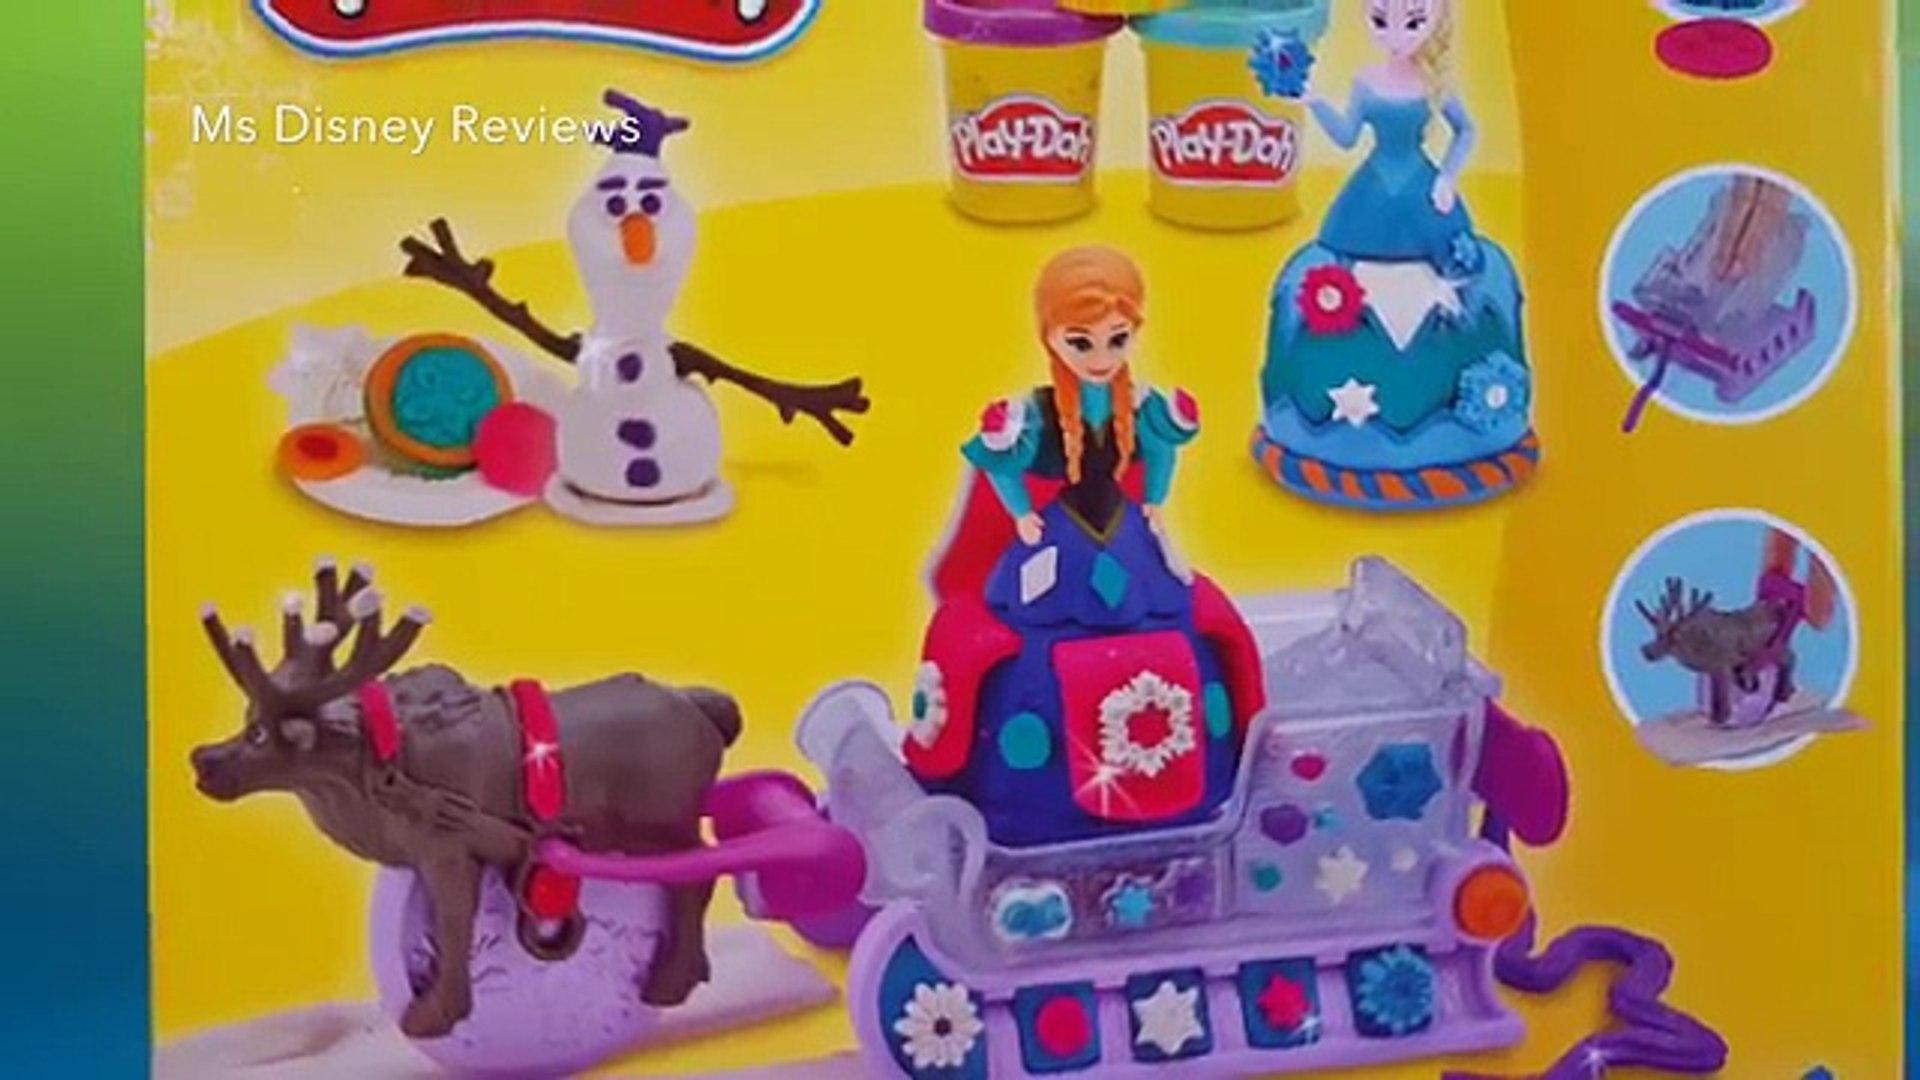 ♥♥♥ Новый пластилин сестры ездовых Игровой набор Disney замороженные Олаф Эльза Анна Свен ♥♥♥